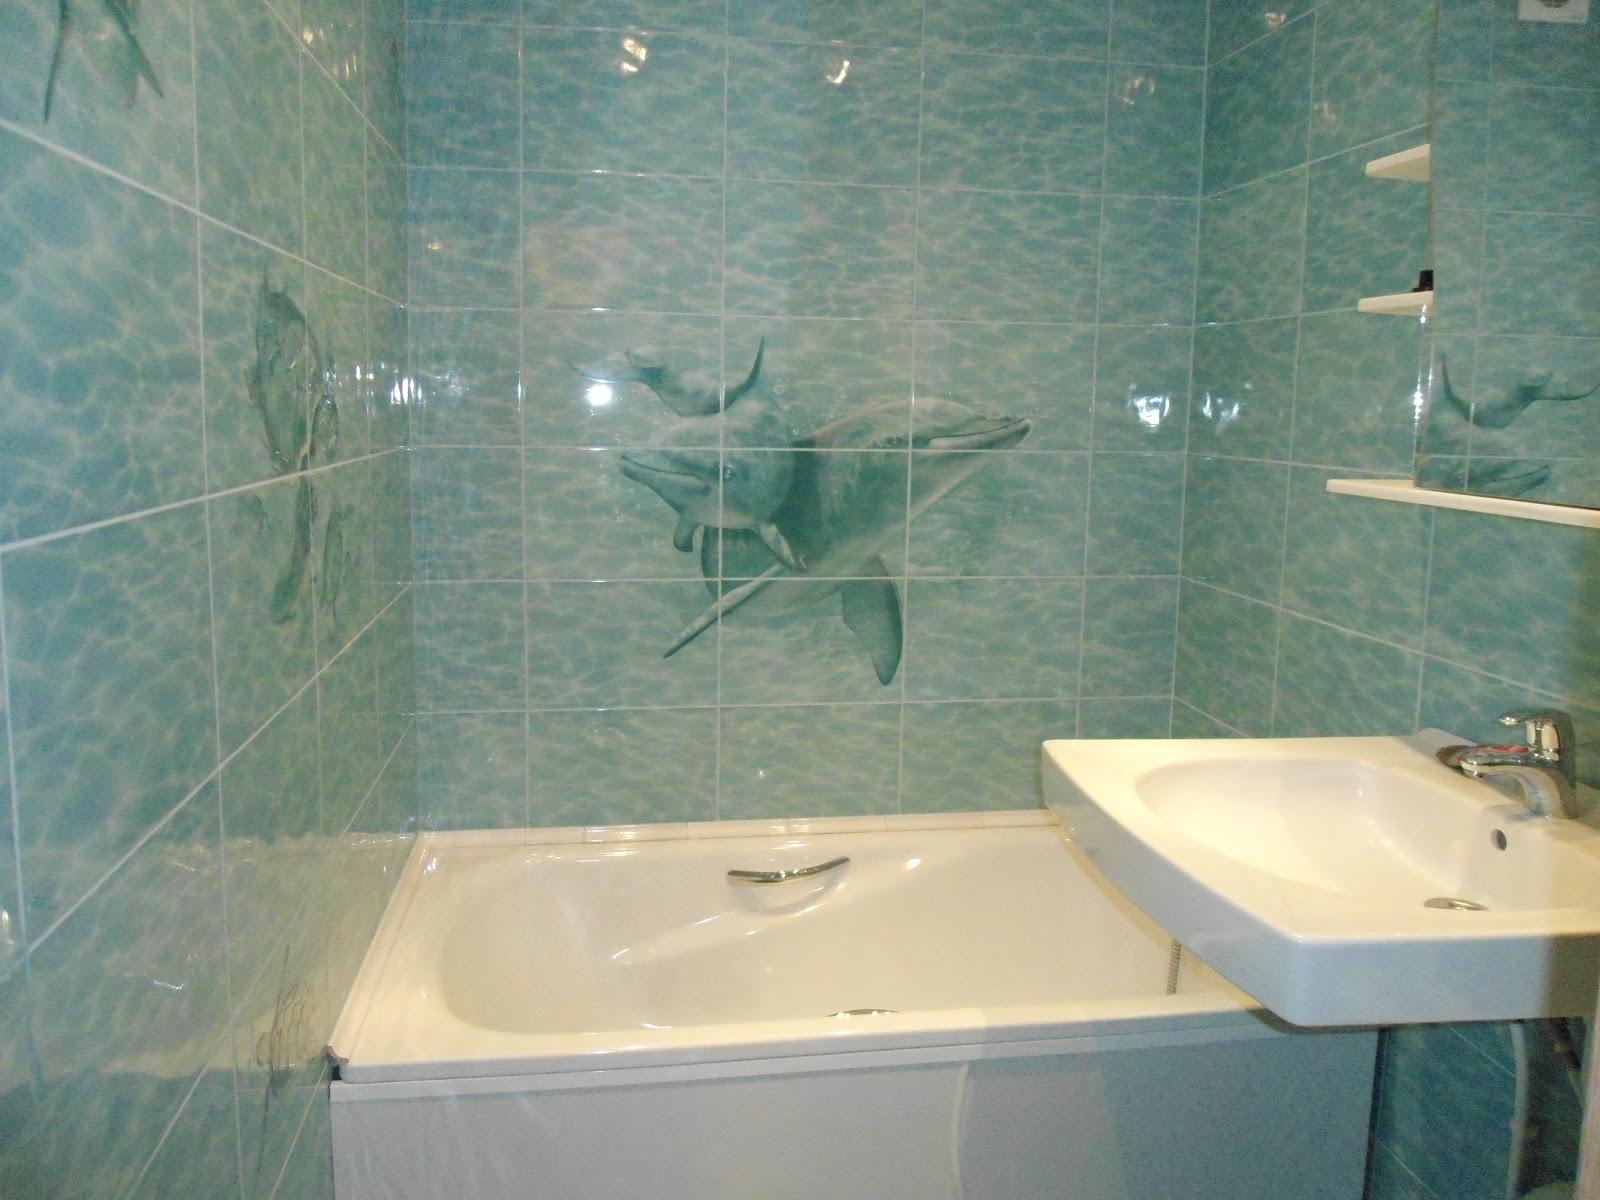 Трахаются в ванной комнате 16 фотография